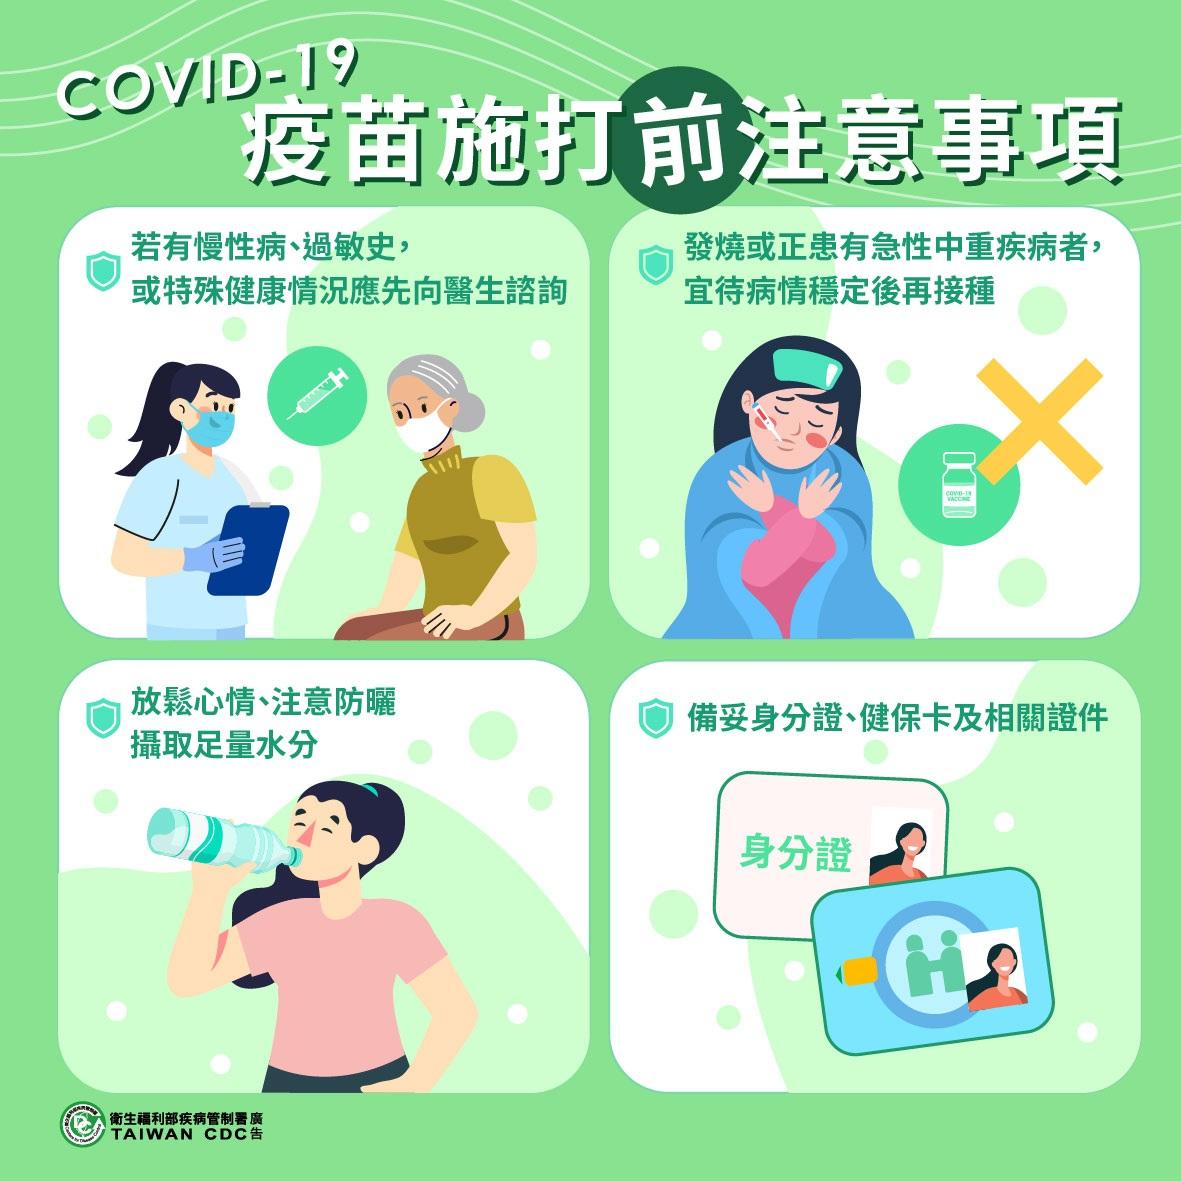 打疫苗前注意事項